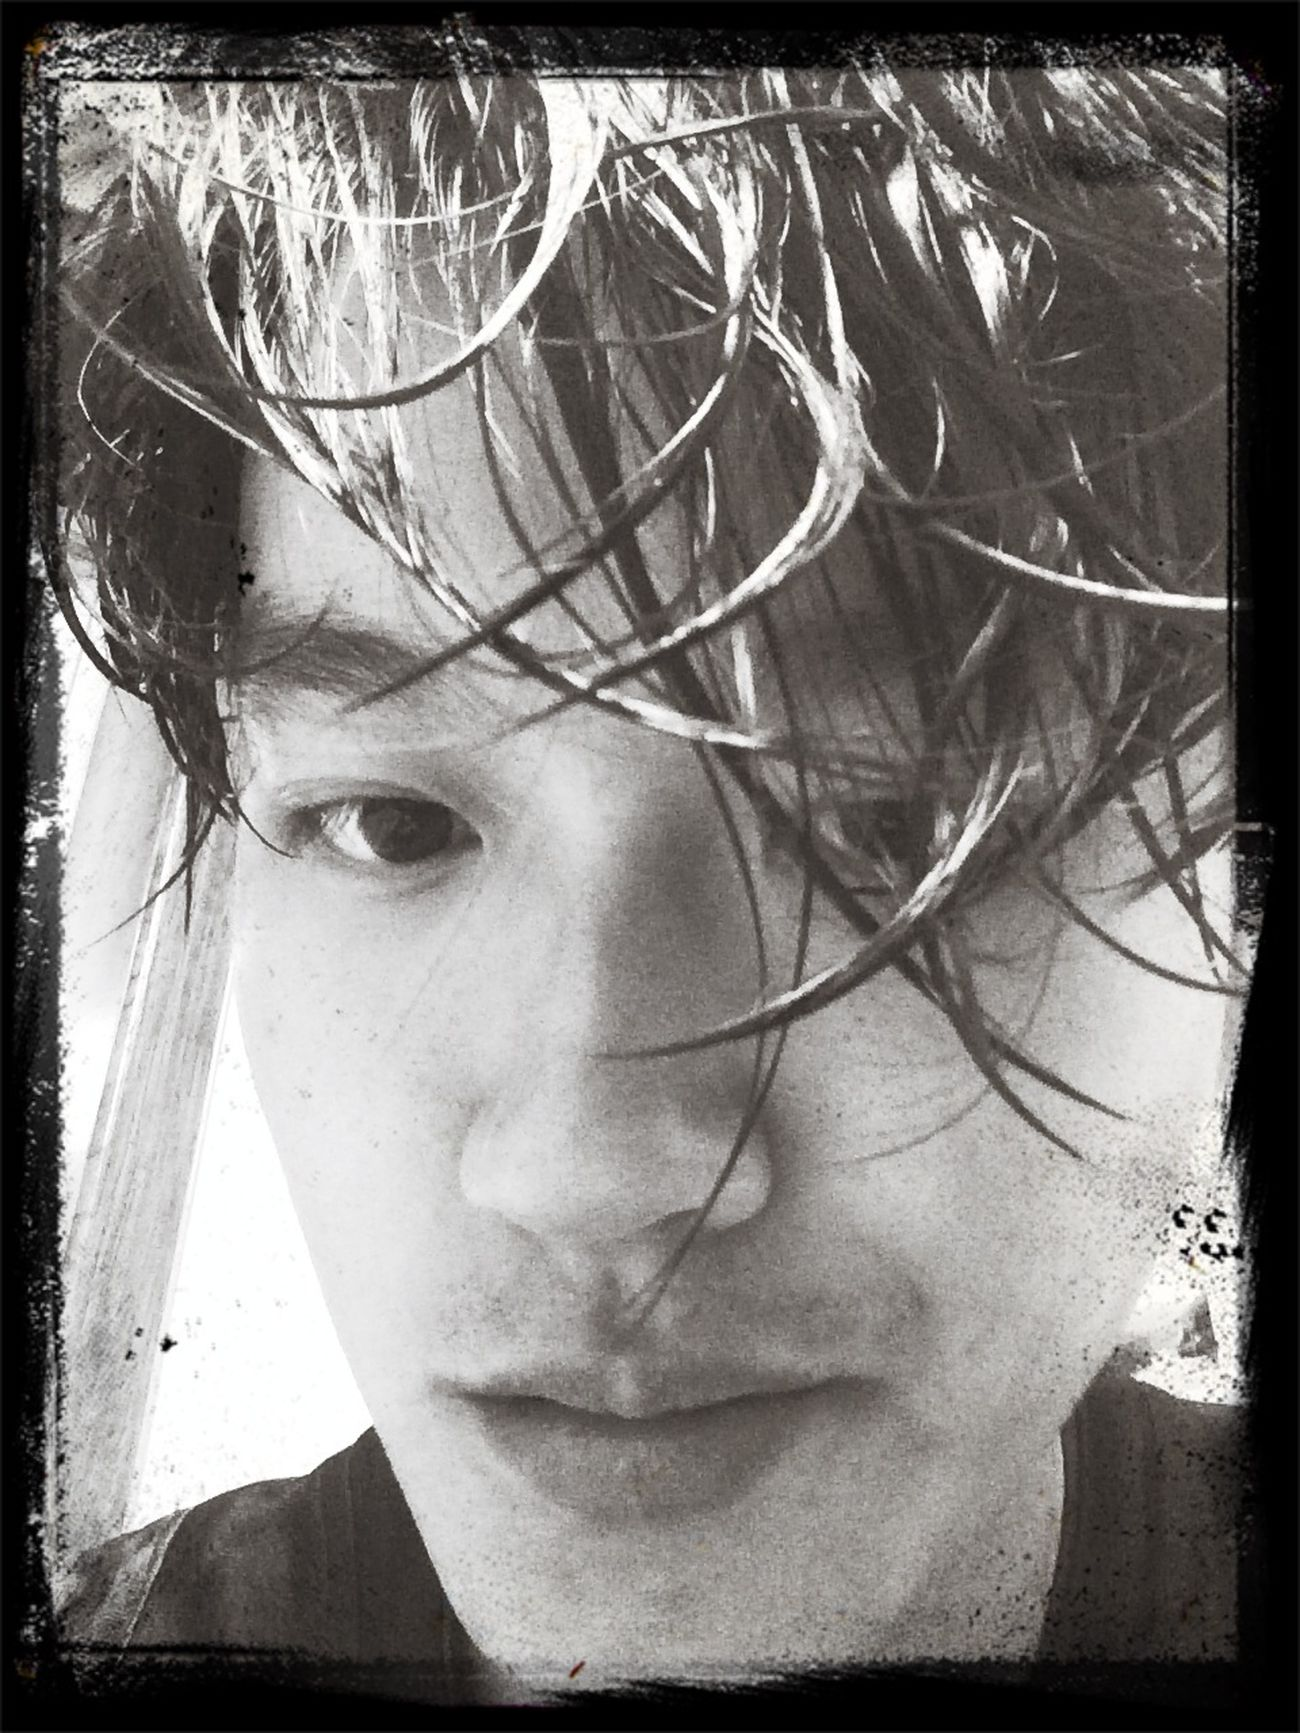 刚洗完澡,外面下雨了。